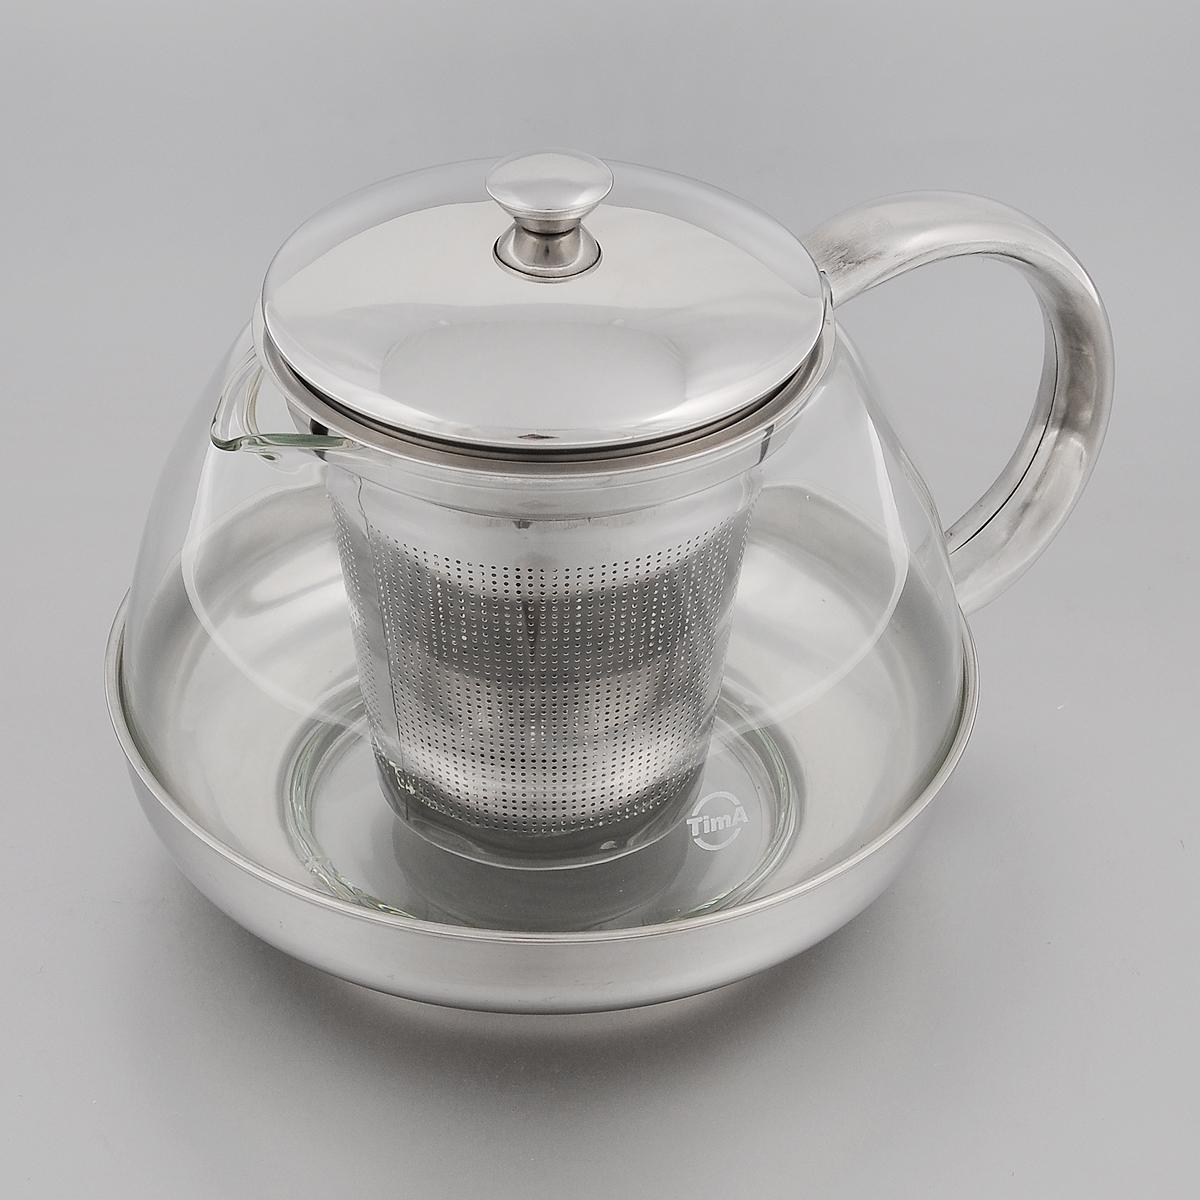 Чайник заварочный TimA Лотос, 1 лTL-100Заварочный чайник TimA Лотос изготовлен из термостойкого боросиликатного стекла - прочного износостойкого материала. Чайник оснащен фильтром, крышкой, основанием и ручкой из нержавеющей стали. Простой и удобный чайник поможет вам приготовить крепкий, ароматный чай. Дизайн изделия создает гипнотическую атмосферу через сочетание полупрозрачного цвета и хромированных элементов. Можно мыть в посудомоечной машине. Не использовать в микроволновой печи. Диаметр (по верхнему краю): 8,5 см. Высота (без учета крышки): 9,5 см. Высота фильтра: 8,7 см.